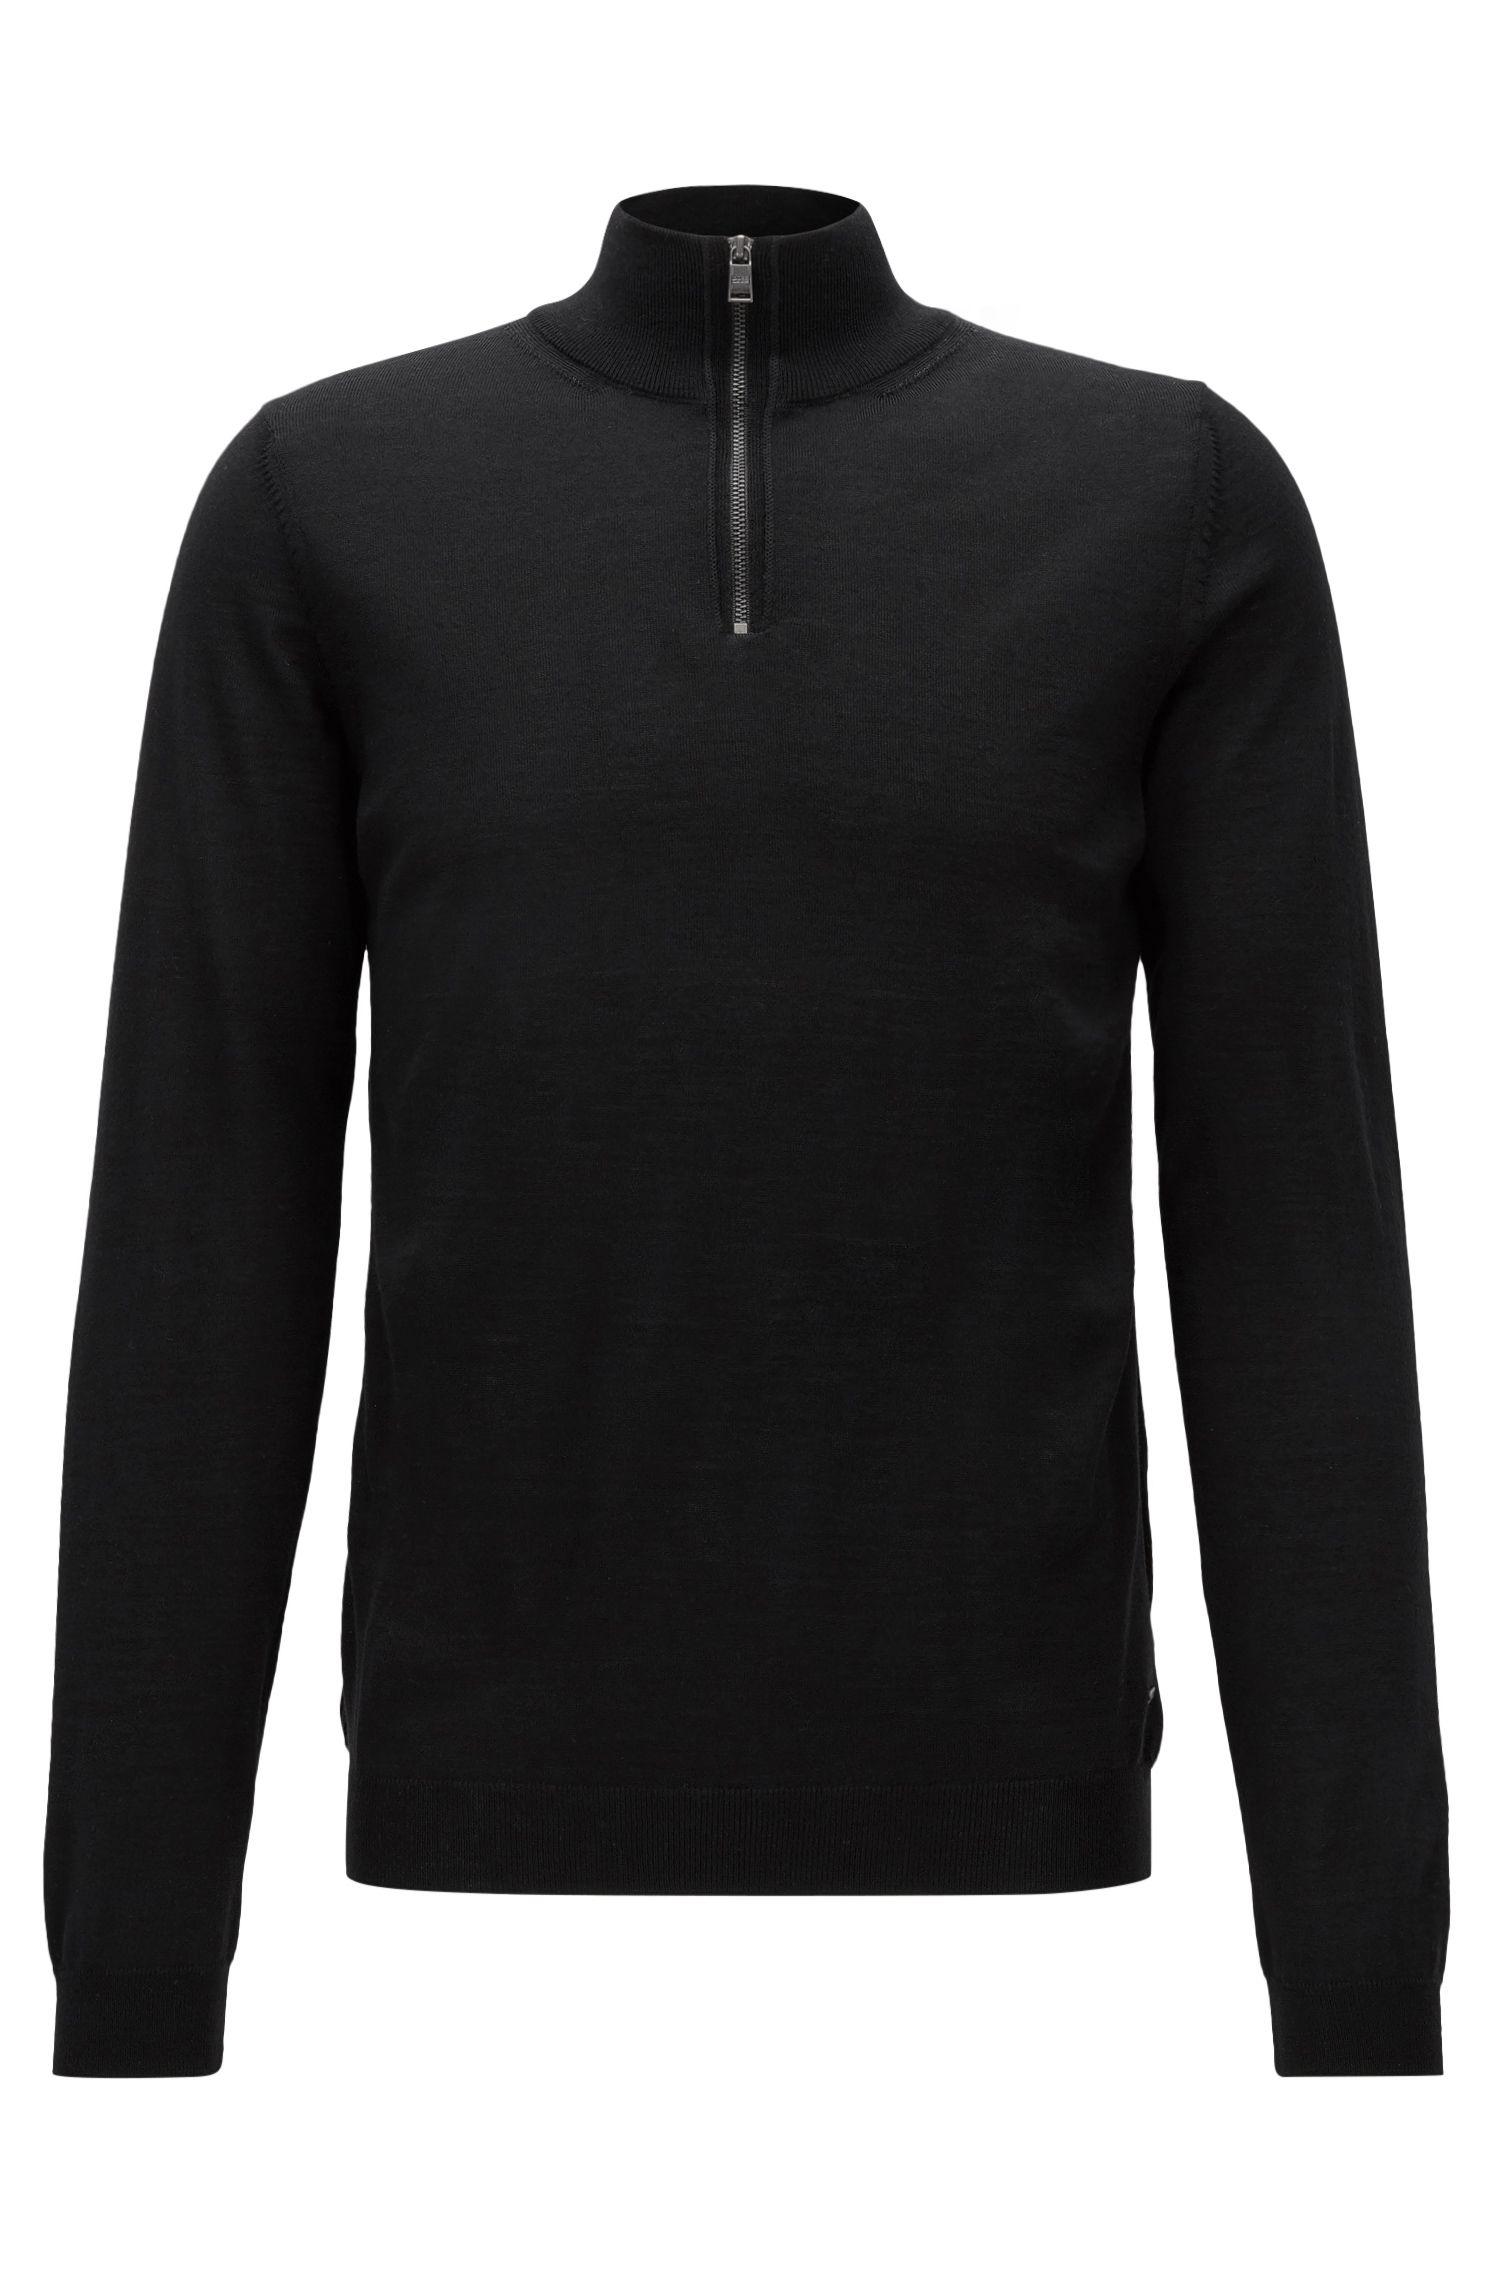 Maglione slim fit con colletto con zip in lana merino